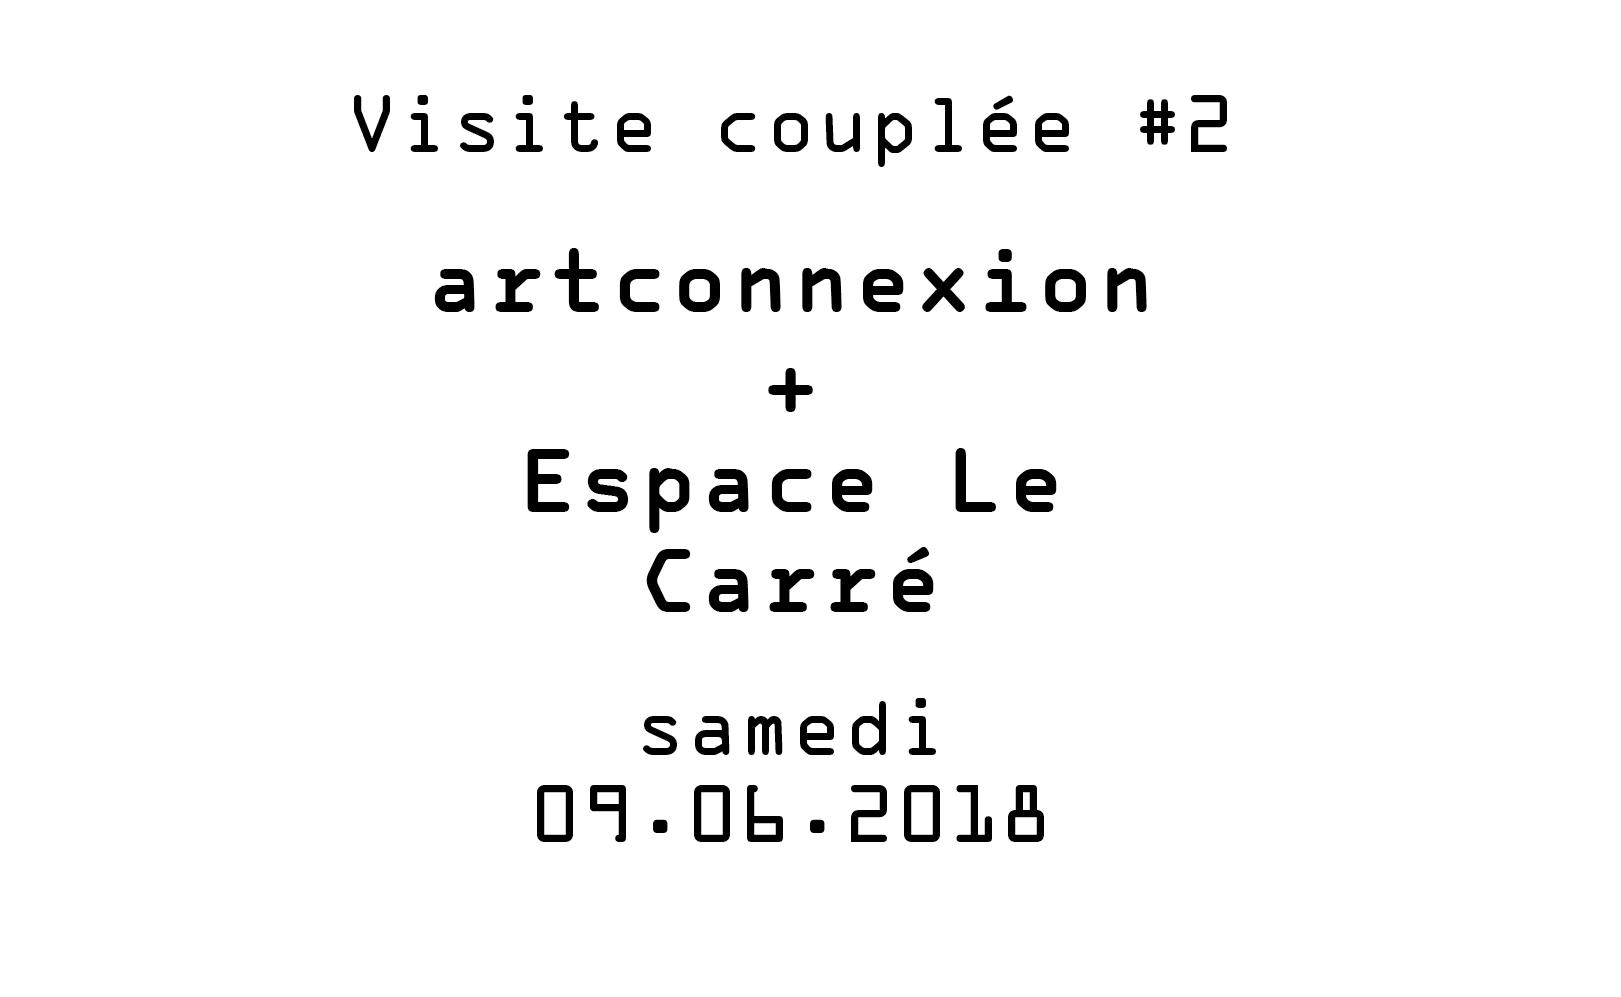 Visite couplée #2 – Artconnexion et Espace Le Carré